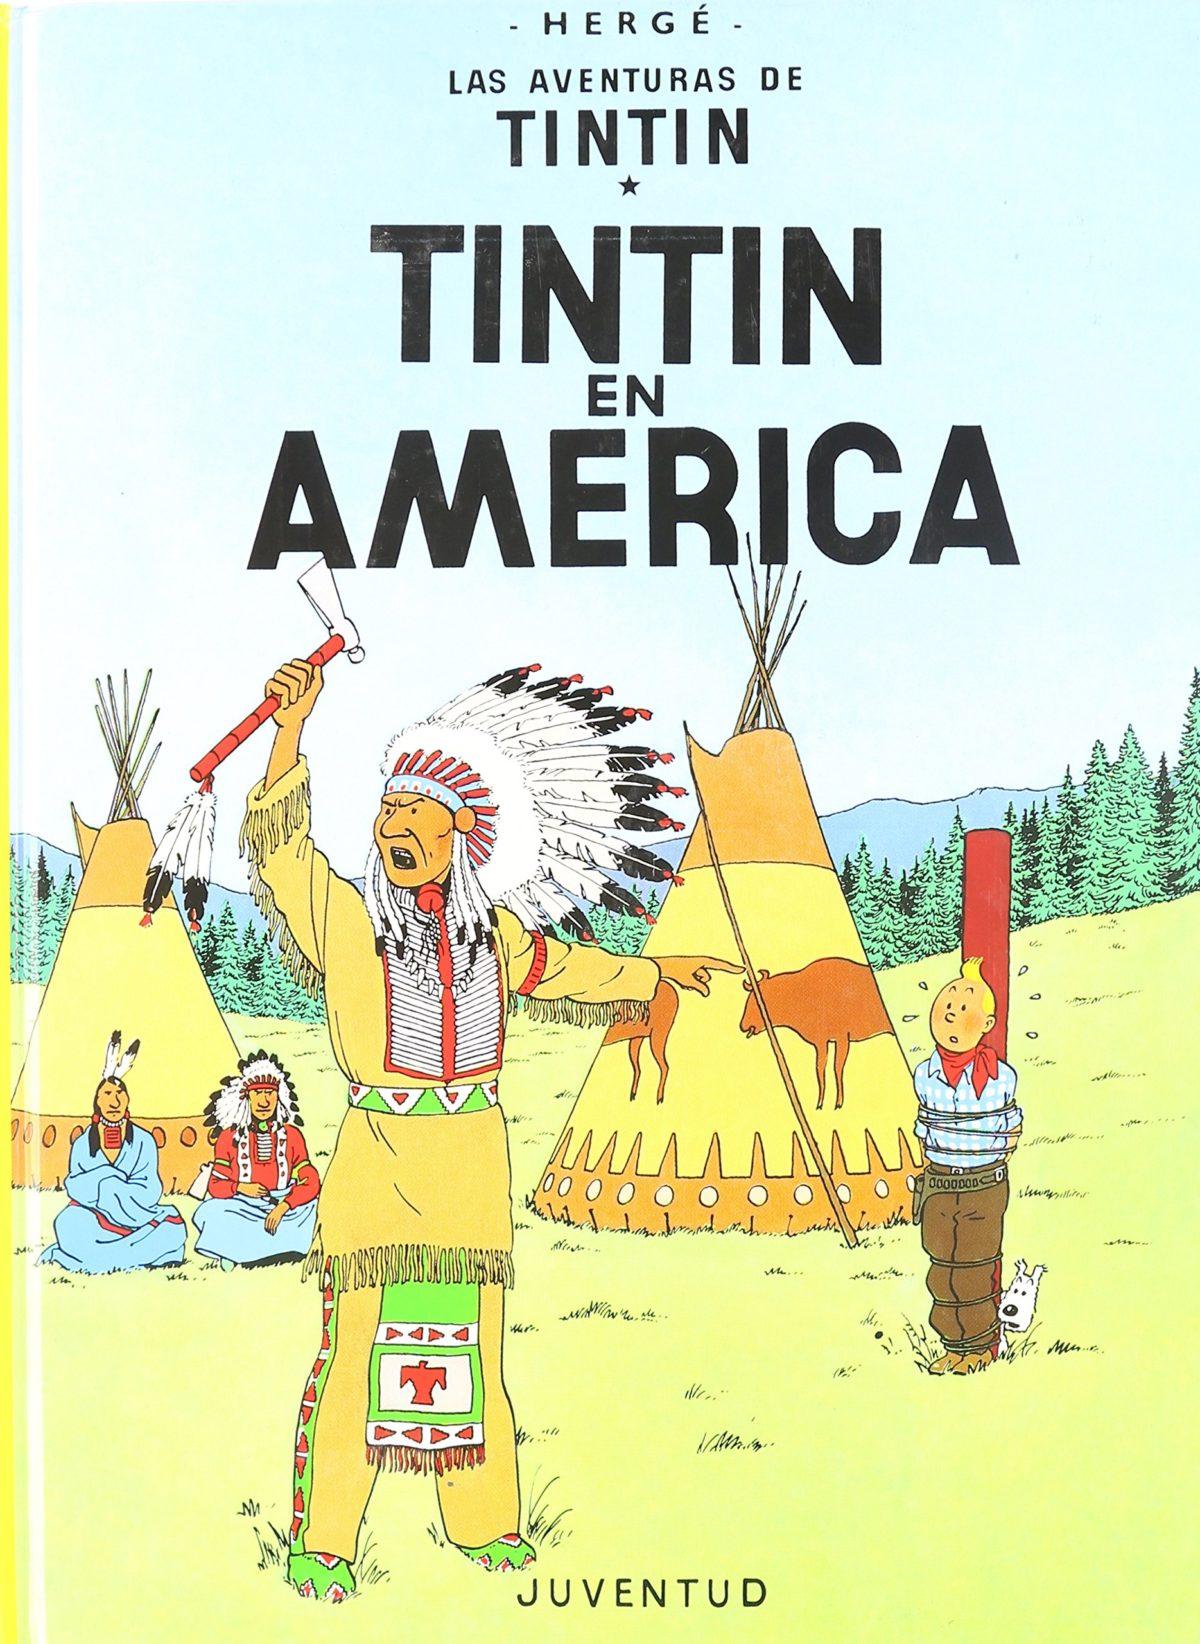 Tintín en América - Las Aventuras de Tintín (Cartoné)